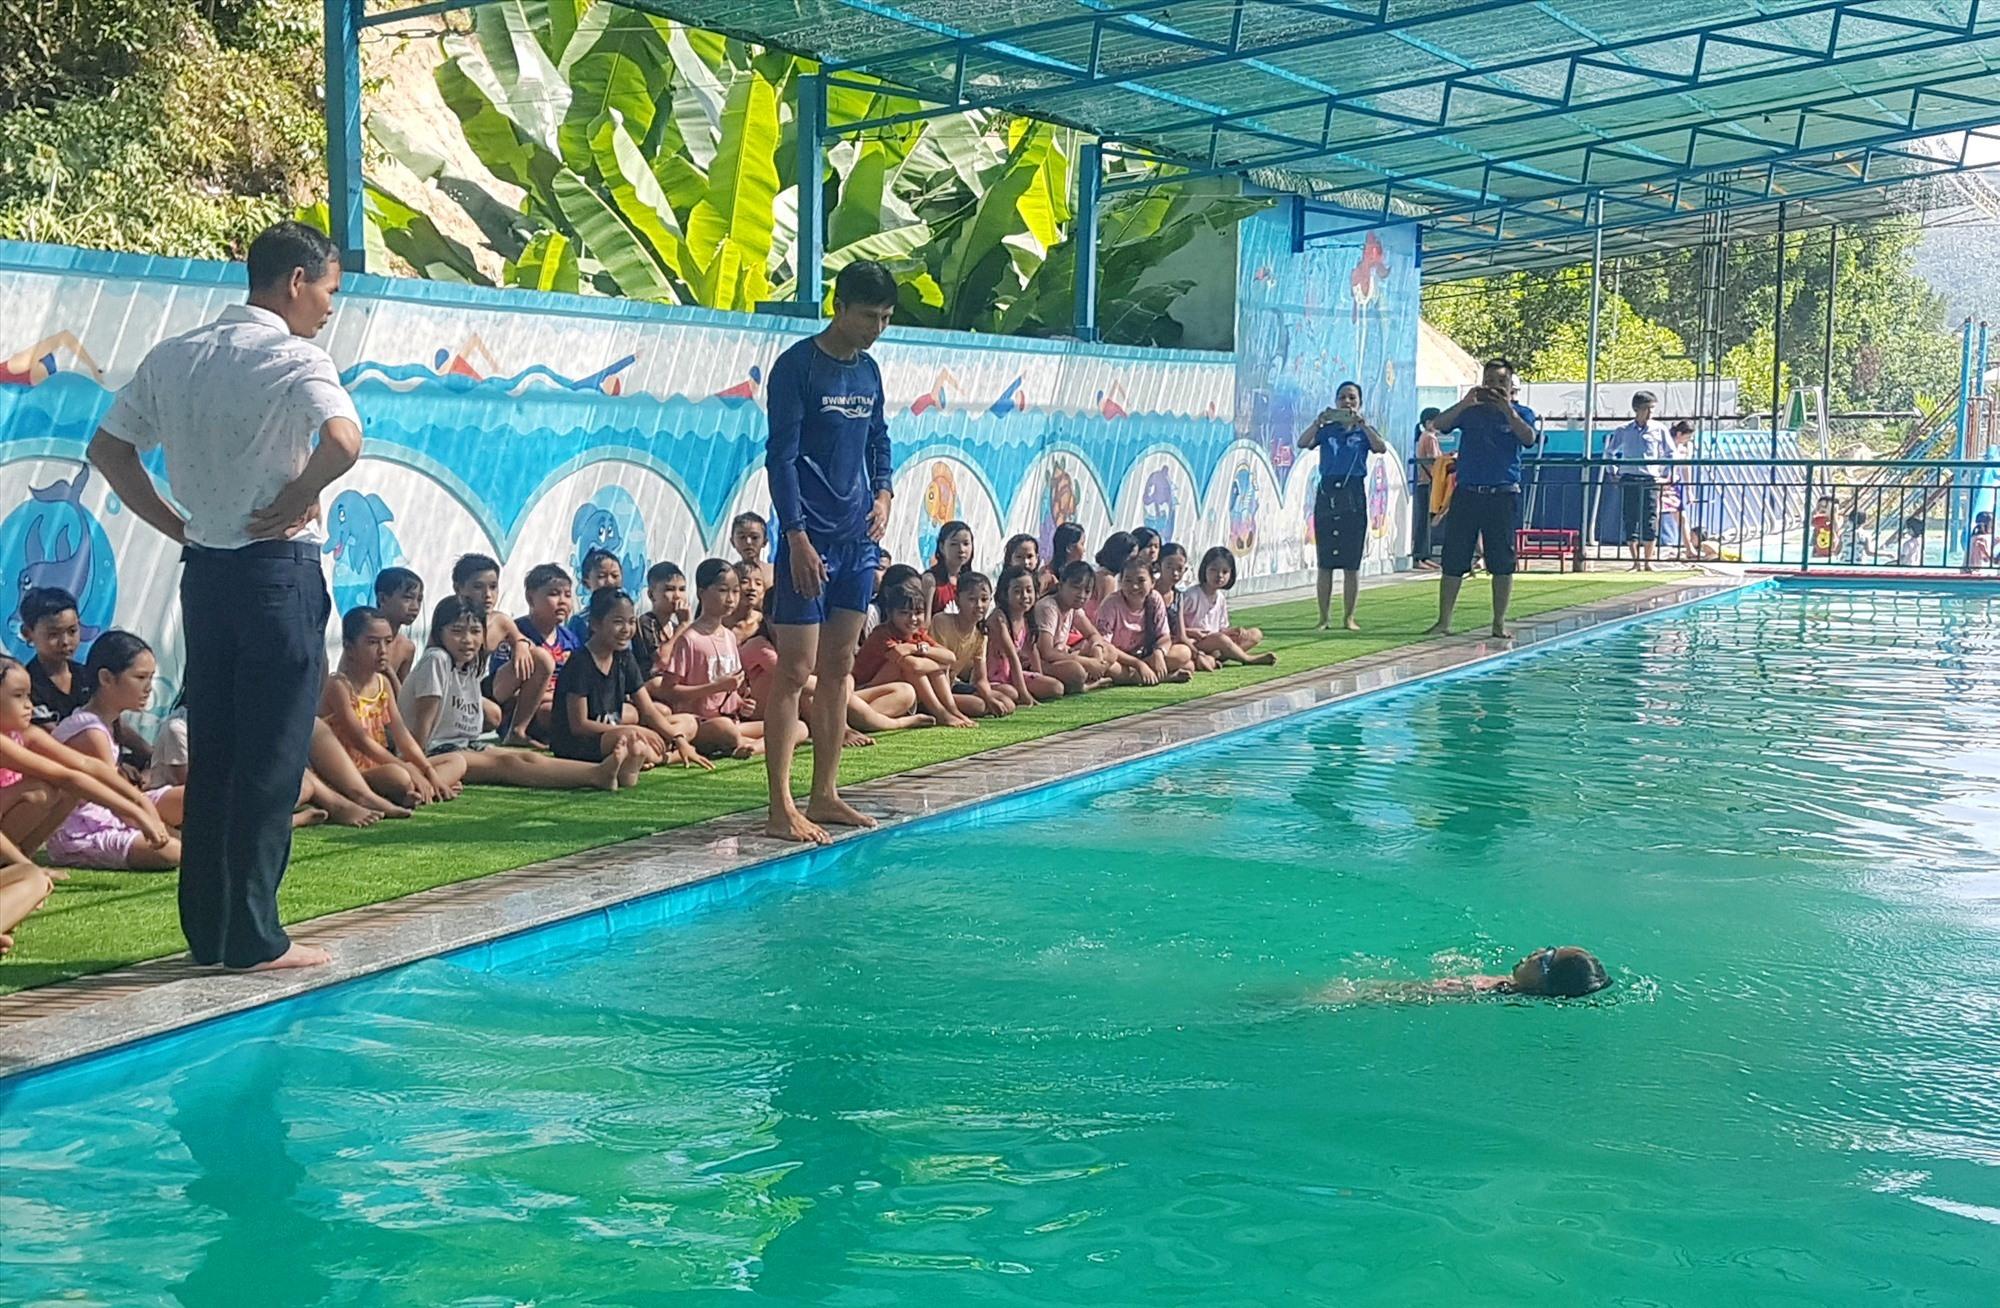 Giáo viên hướng dẫn kỹ năng dưới nước cho học sinh. Ảnh: D.L